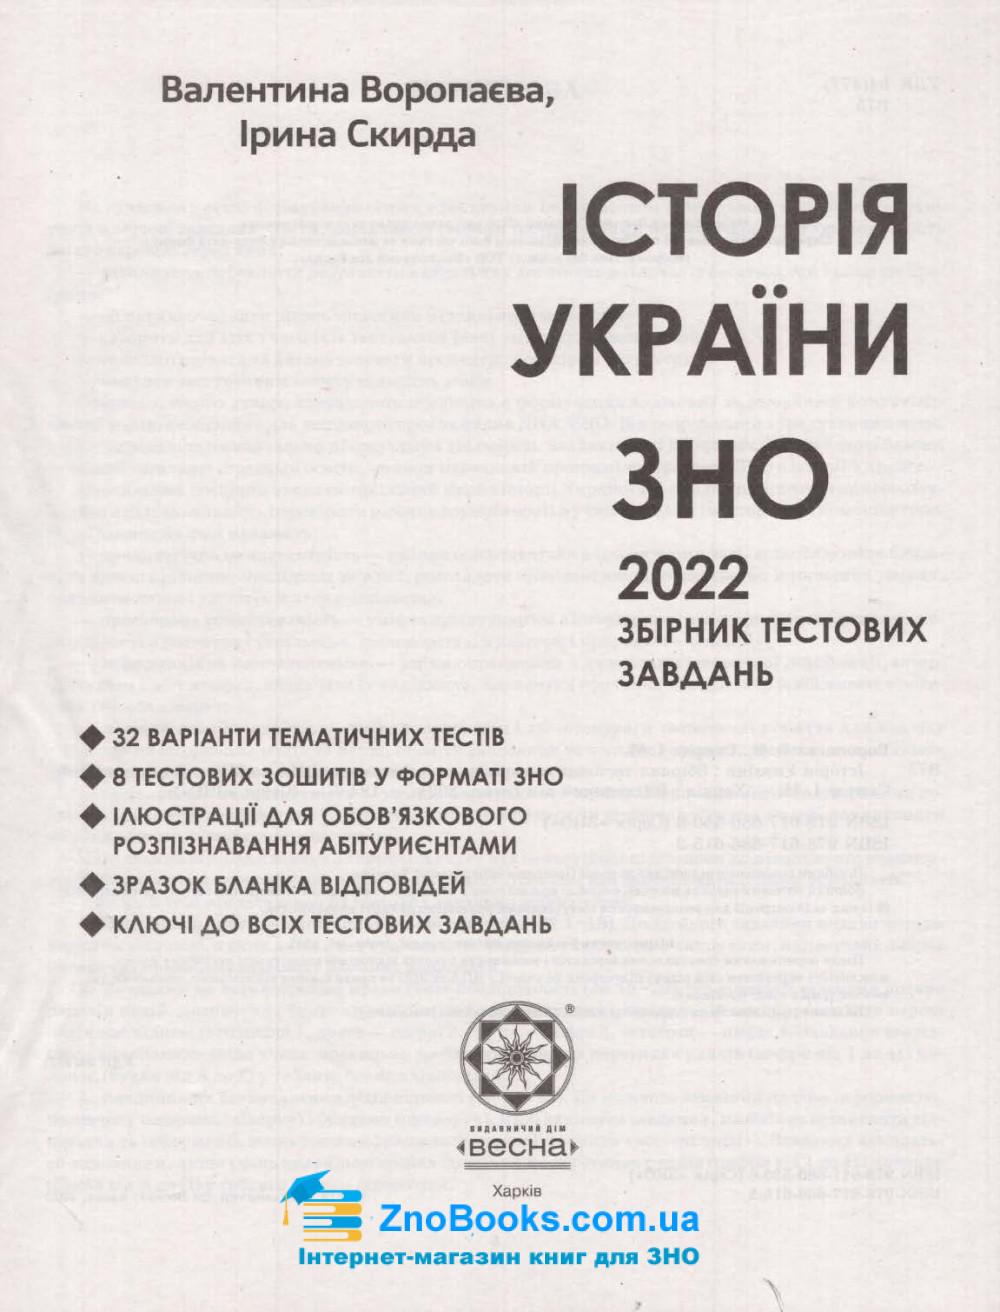 ЗНО 2022 Збірник тестів. Історія України : Воропаєва В., Скирда І. Весна купити 1